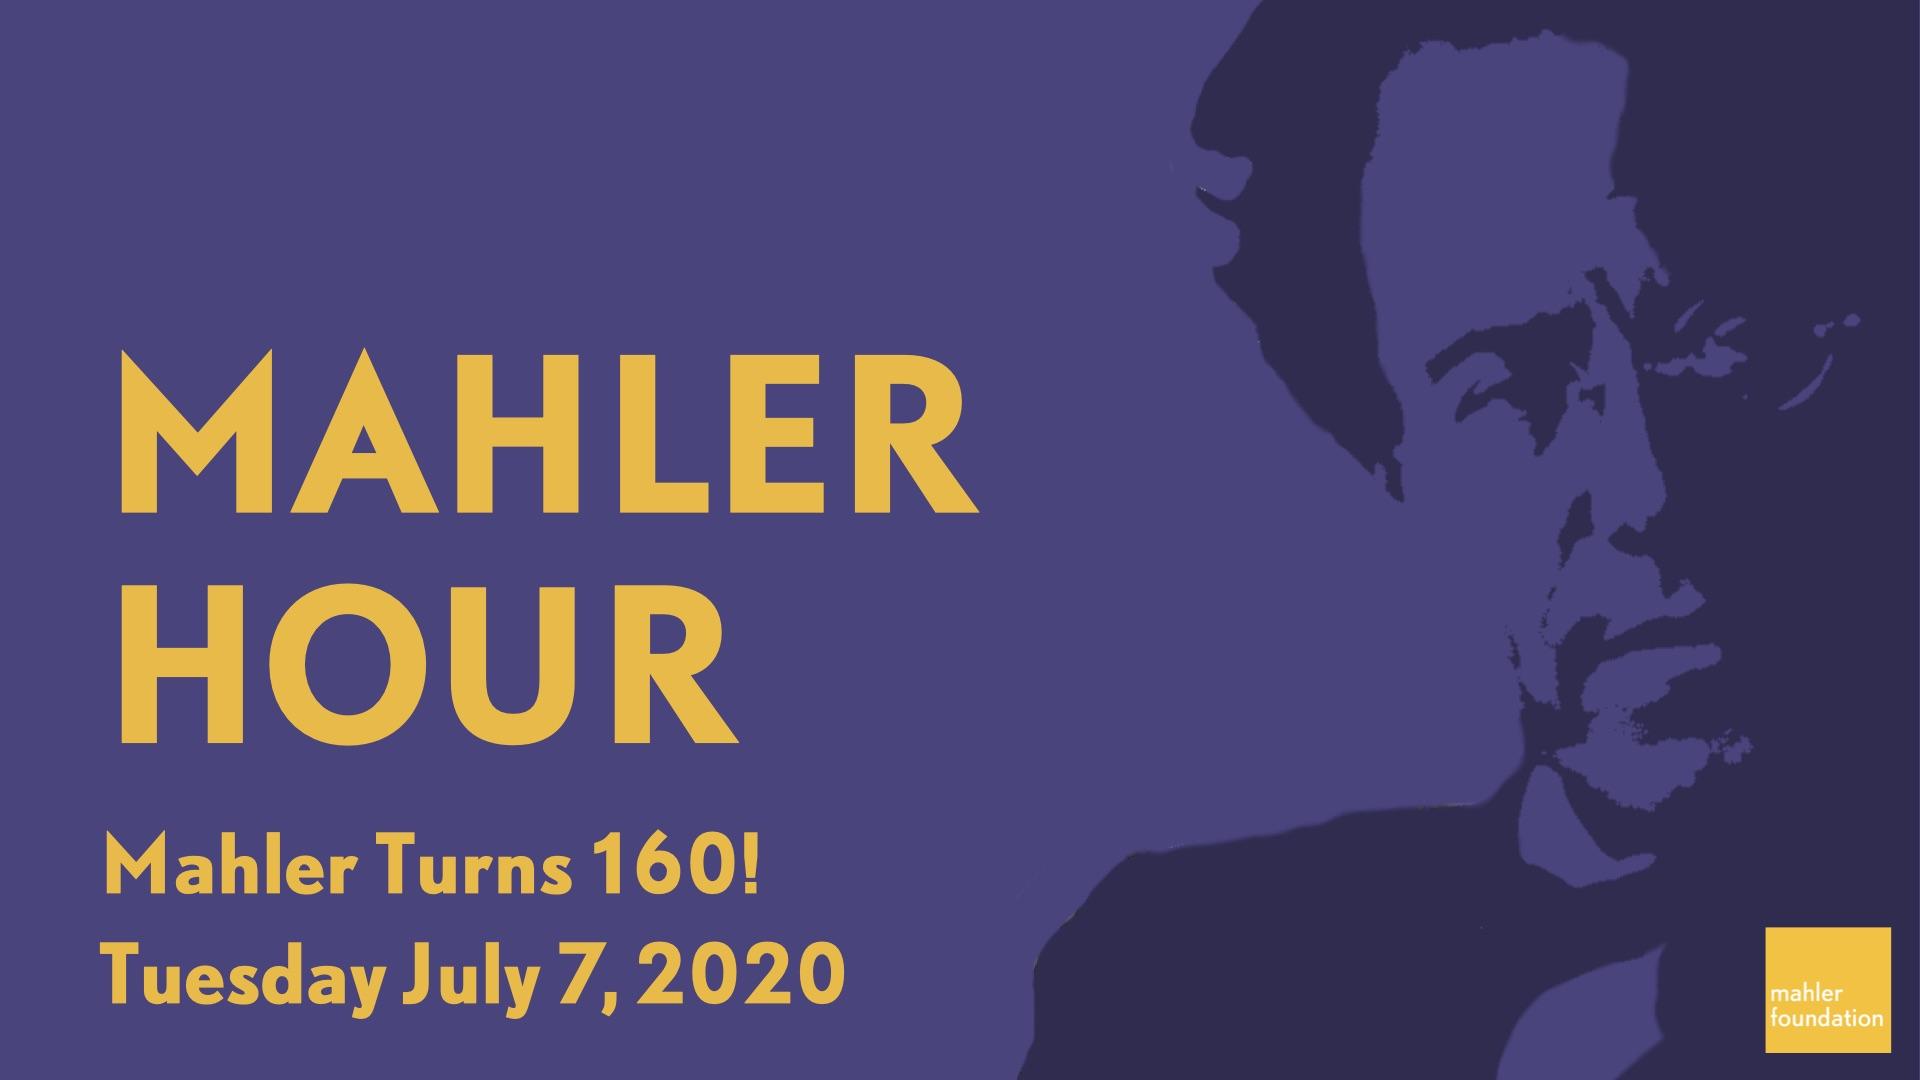 Second Mahler Hour